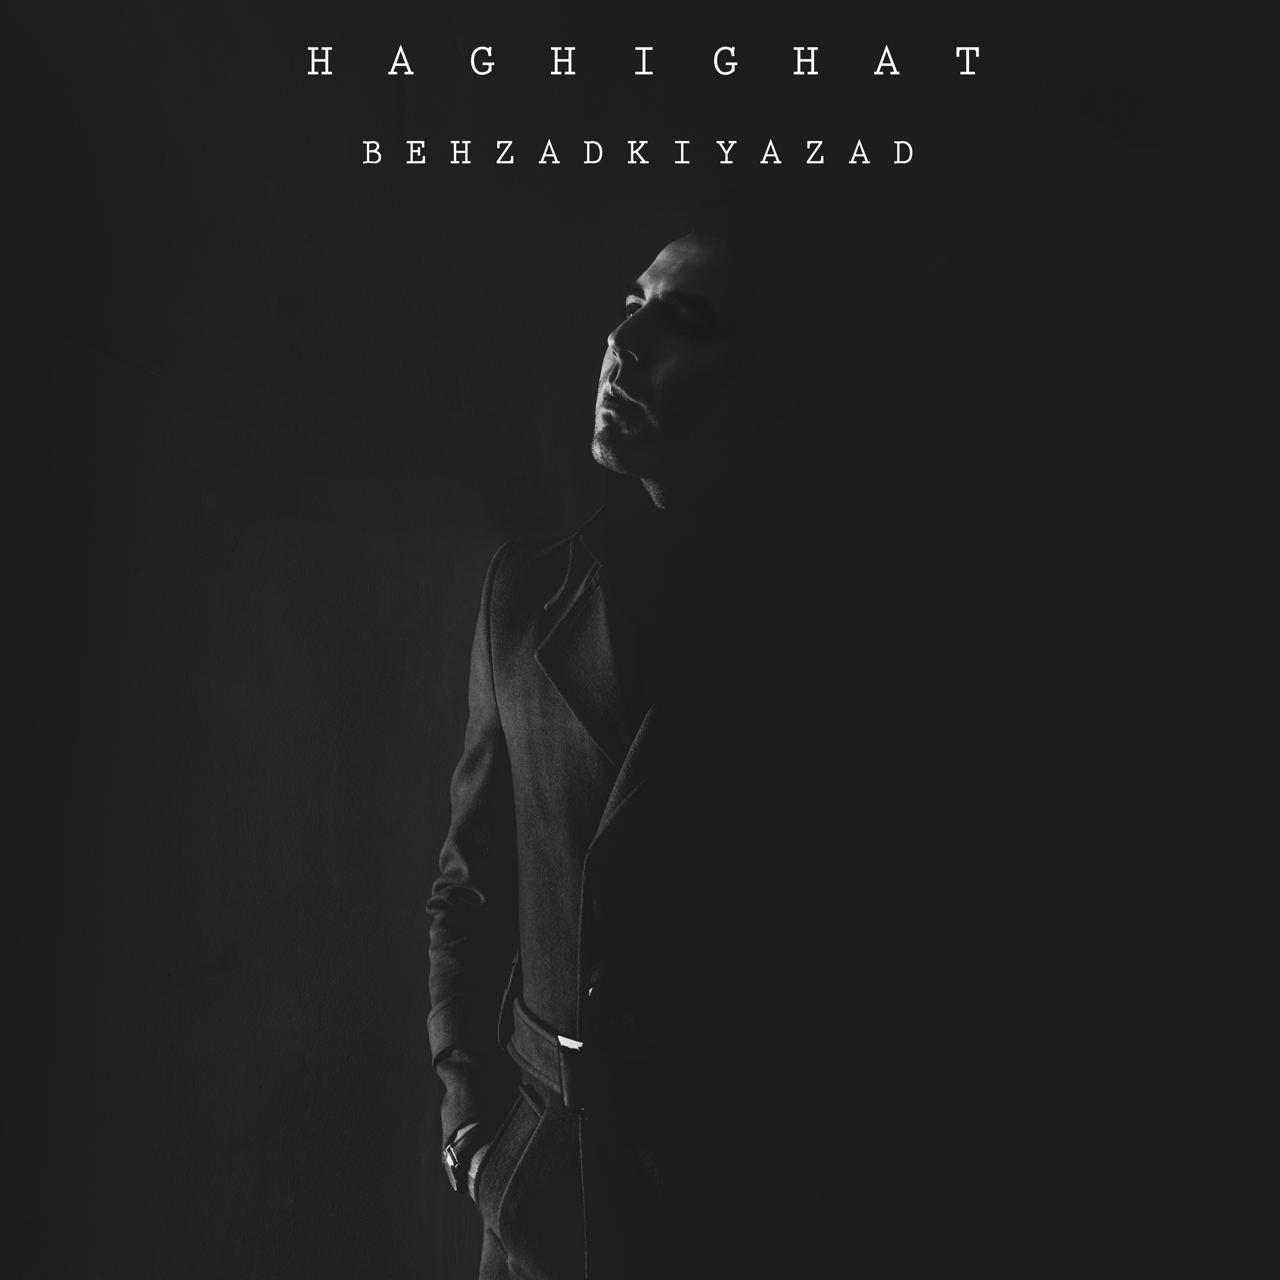 Behzad Kiyazad – Haghighat